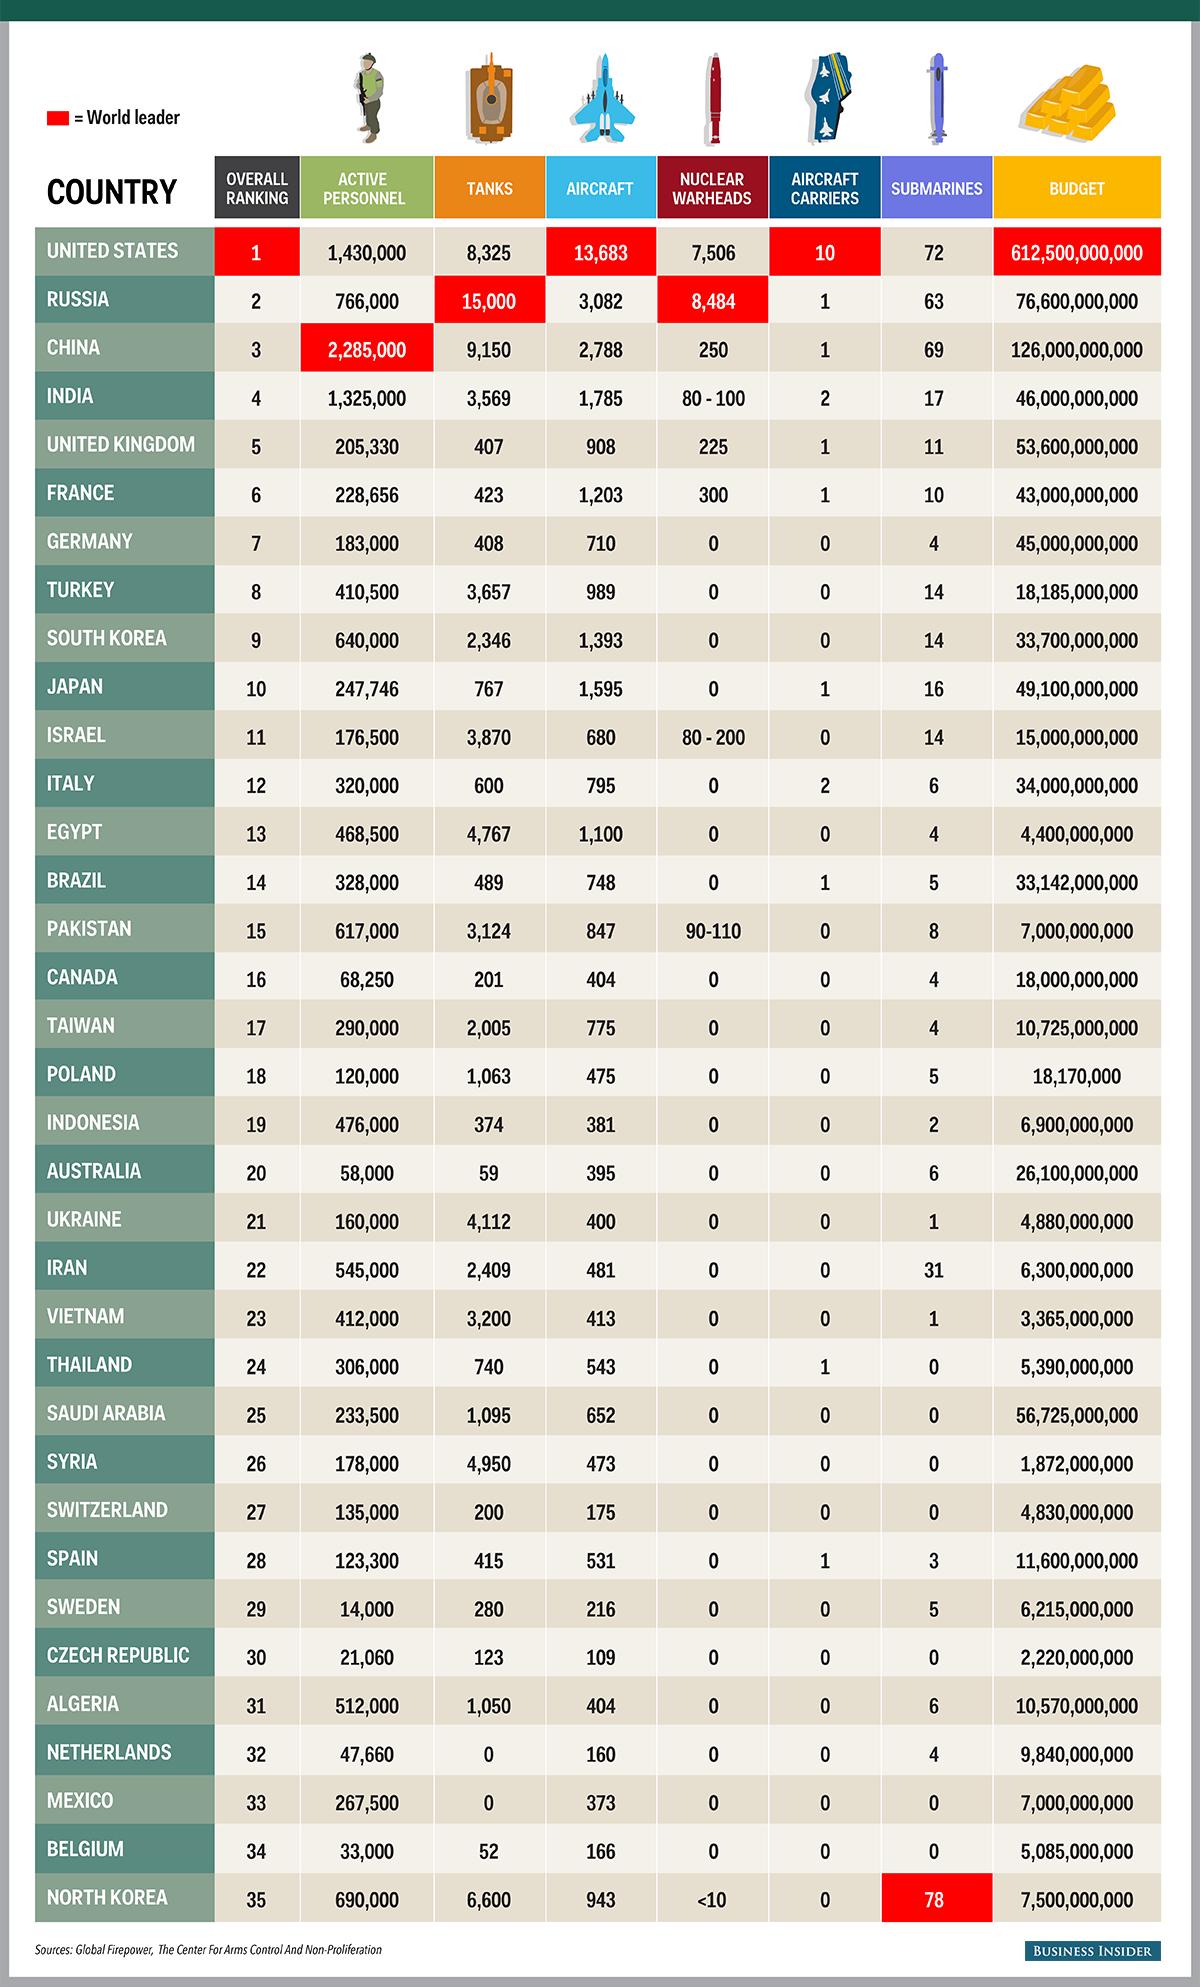 رتبه بندی ارتش های جهان براساس فرمول خود ساخته نهاد امریکایی////////////////آقای نوایی چک کنند